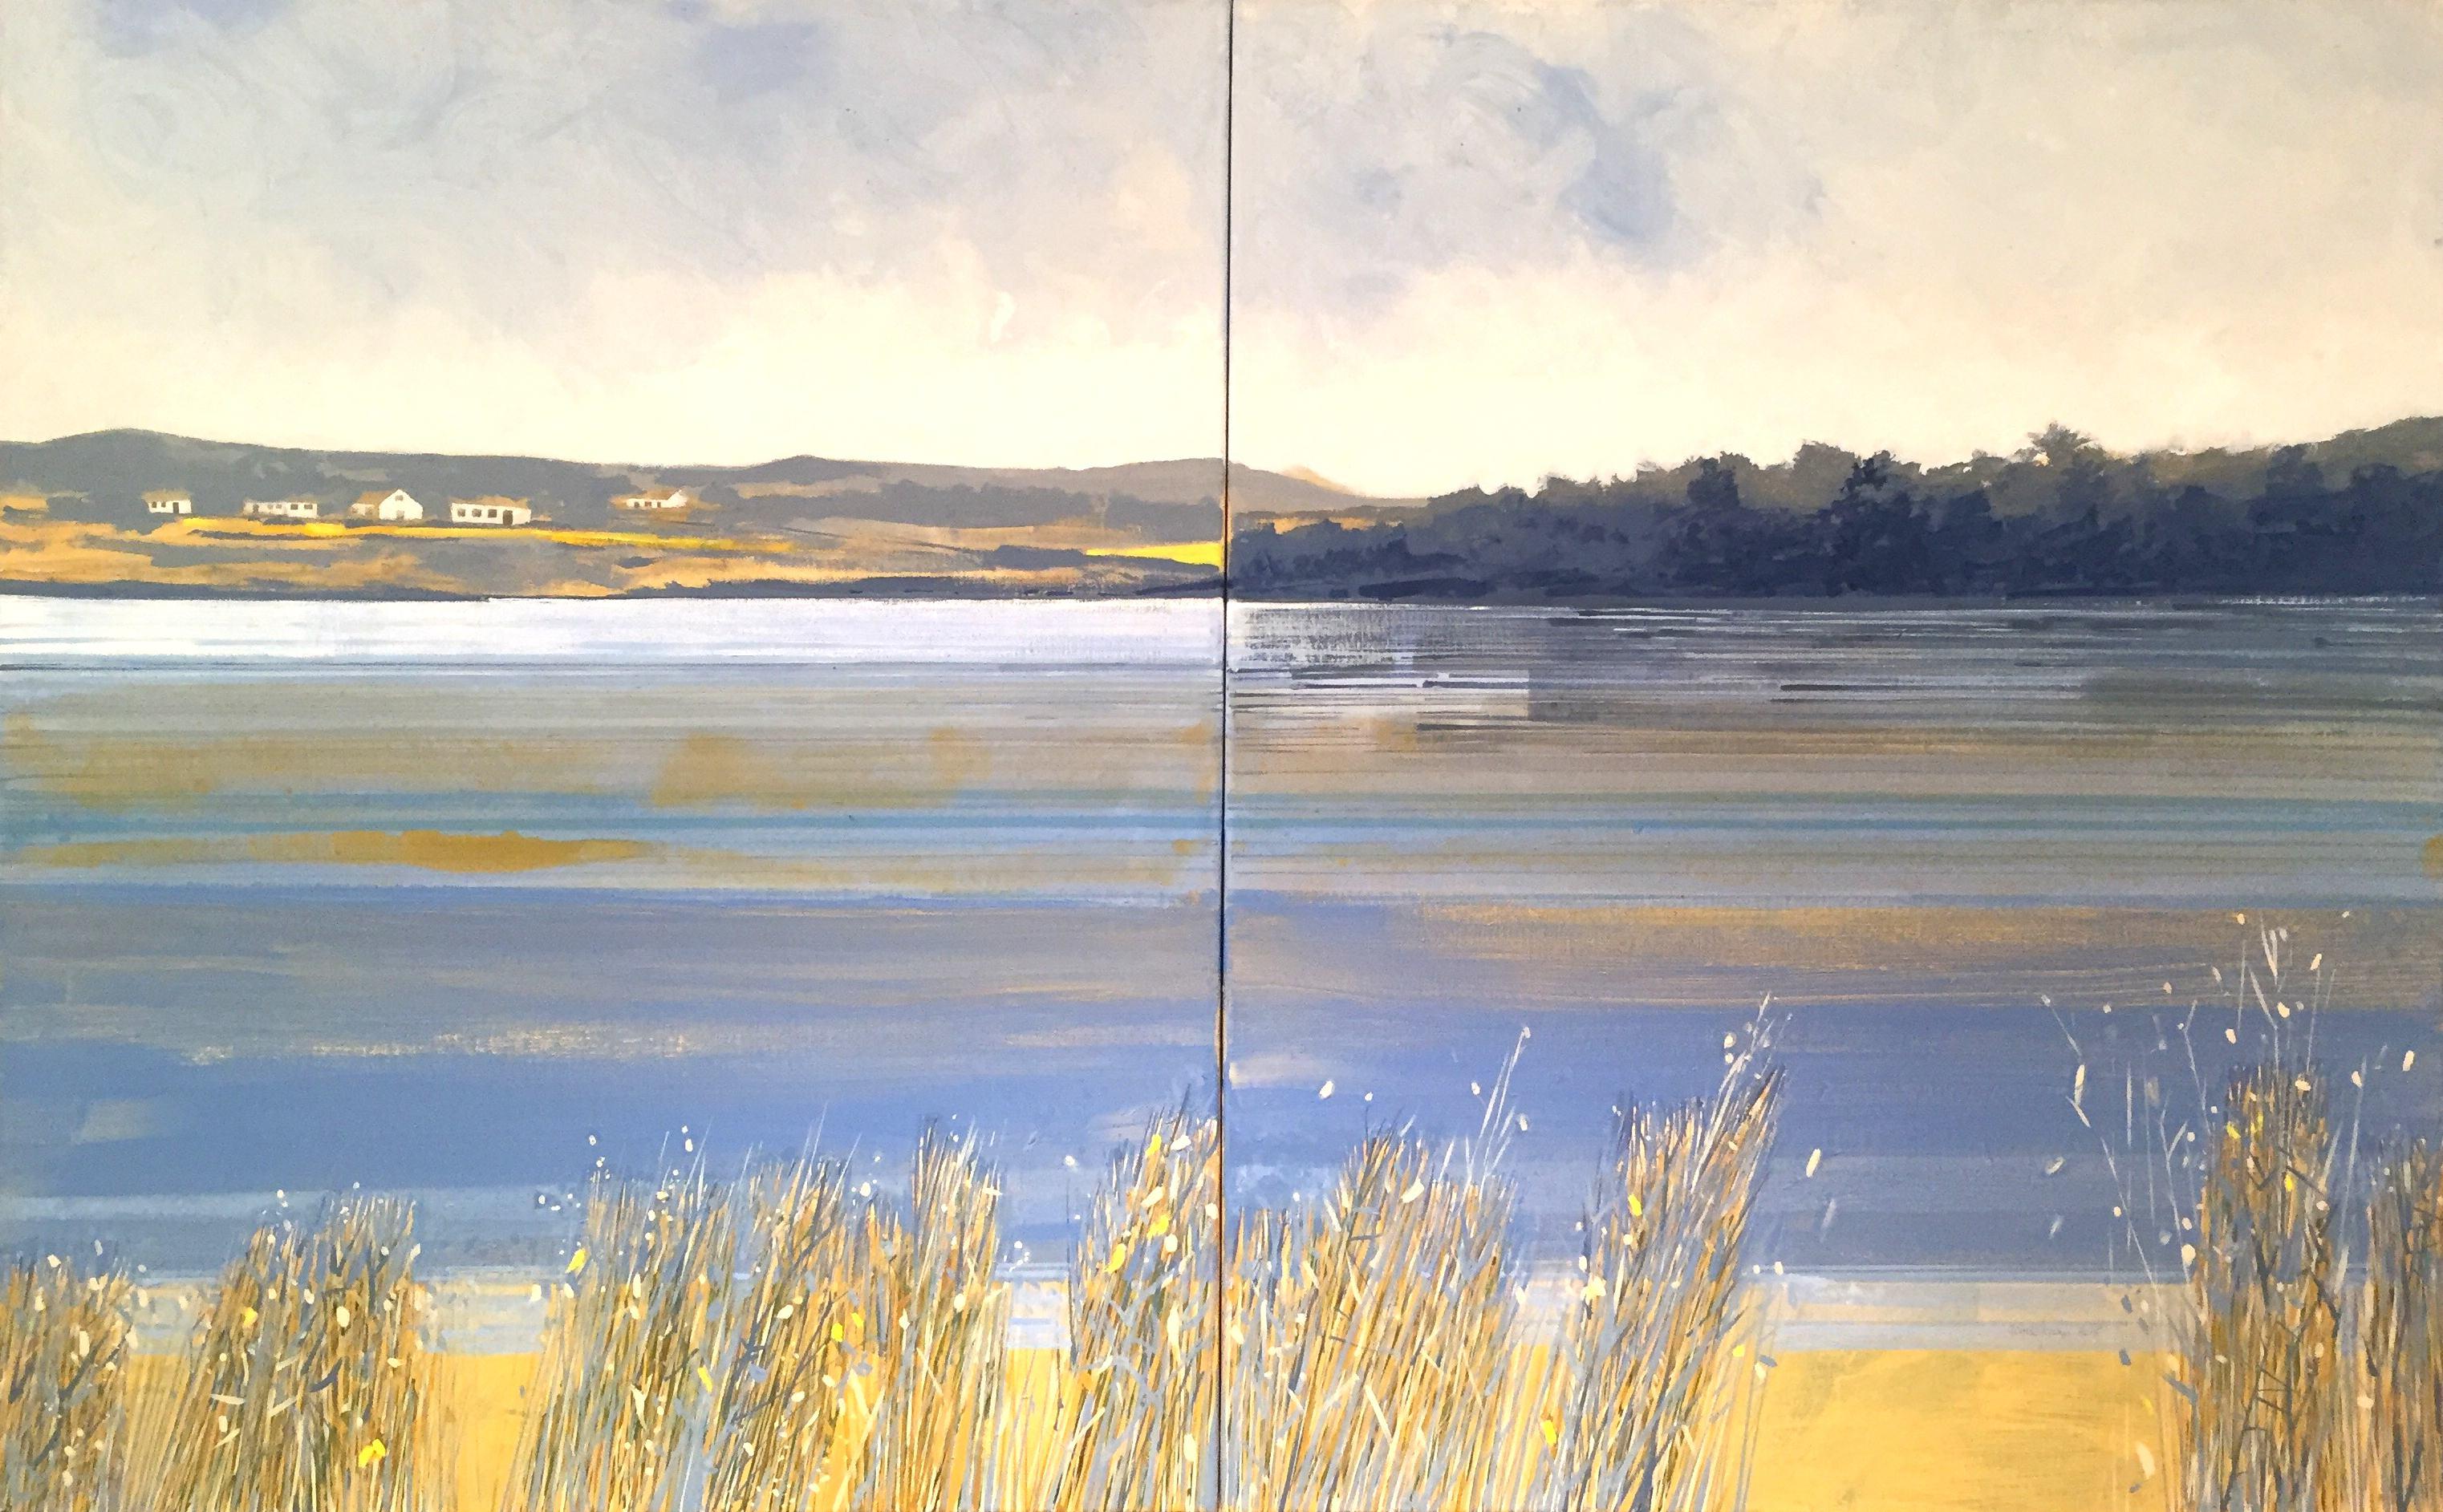 Denise Ferran PRUA, Trawbreaga Bay, Evening, acrylic on canvas, 76 x 122 cm